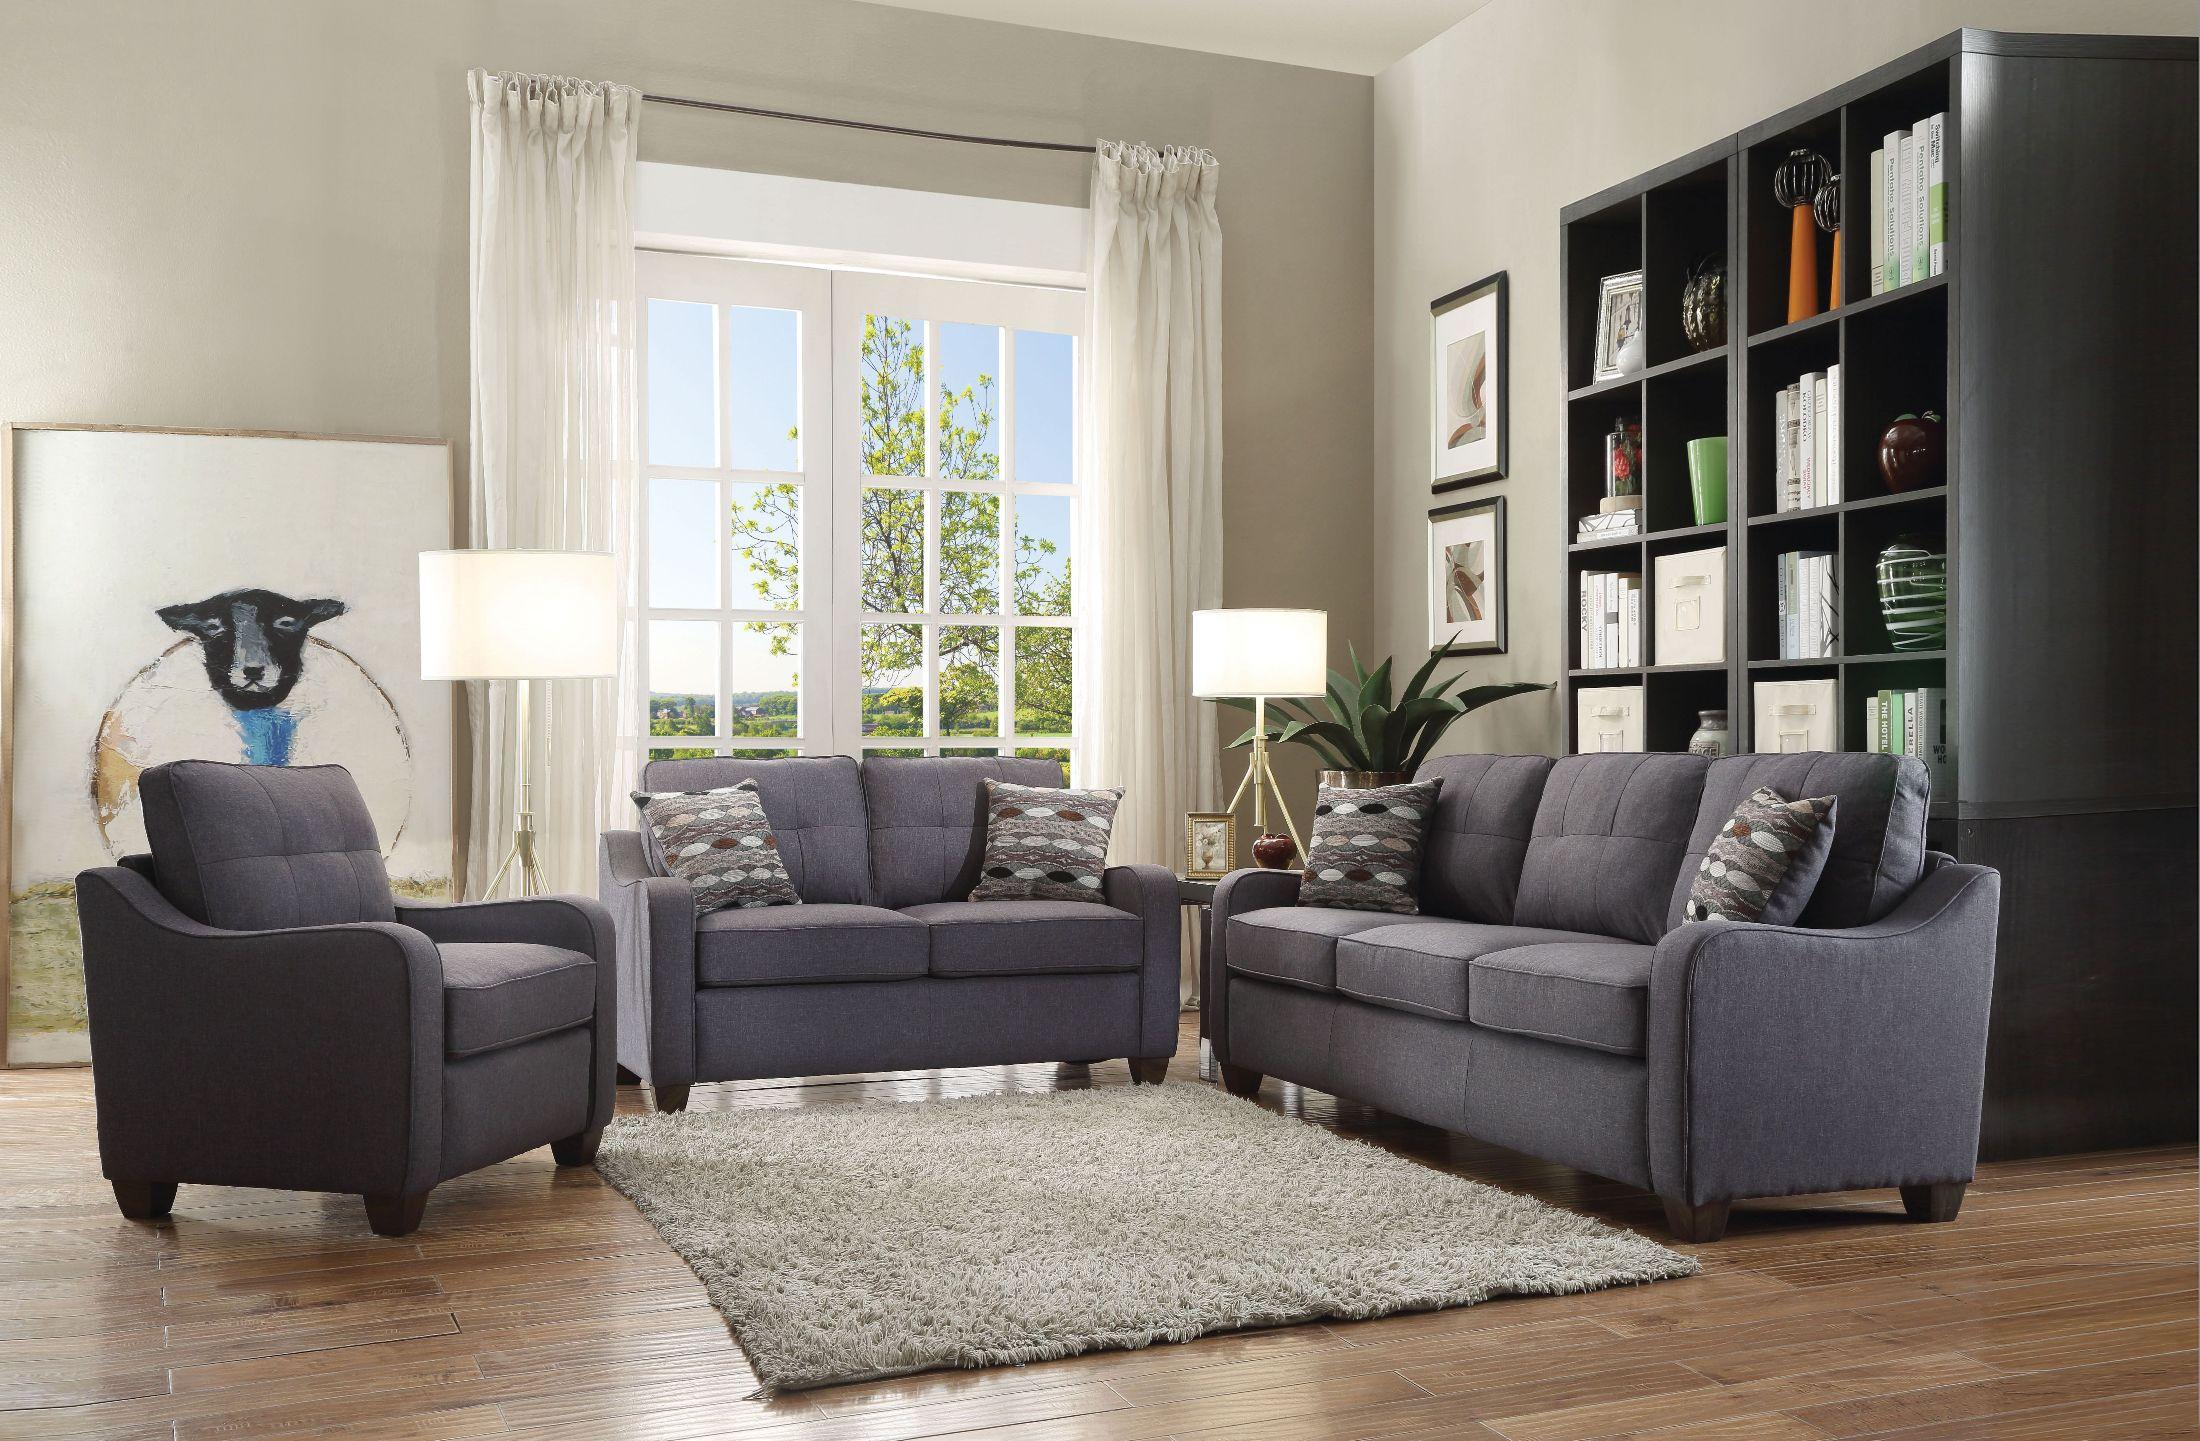 ACME Cleavon II Gray Linen Living Room Set - Cleavon Ii ...